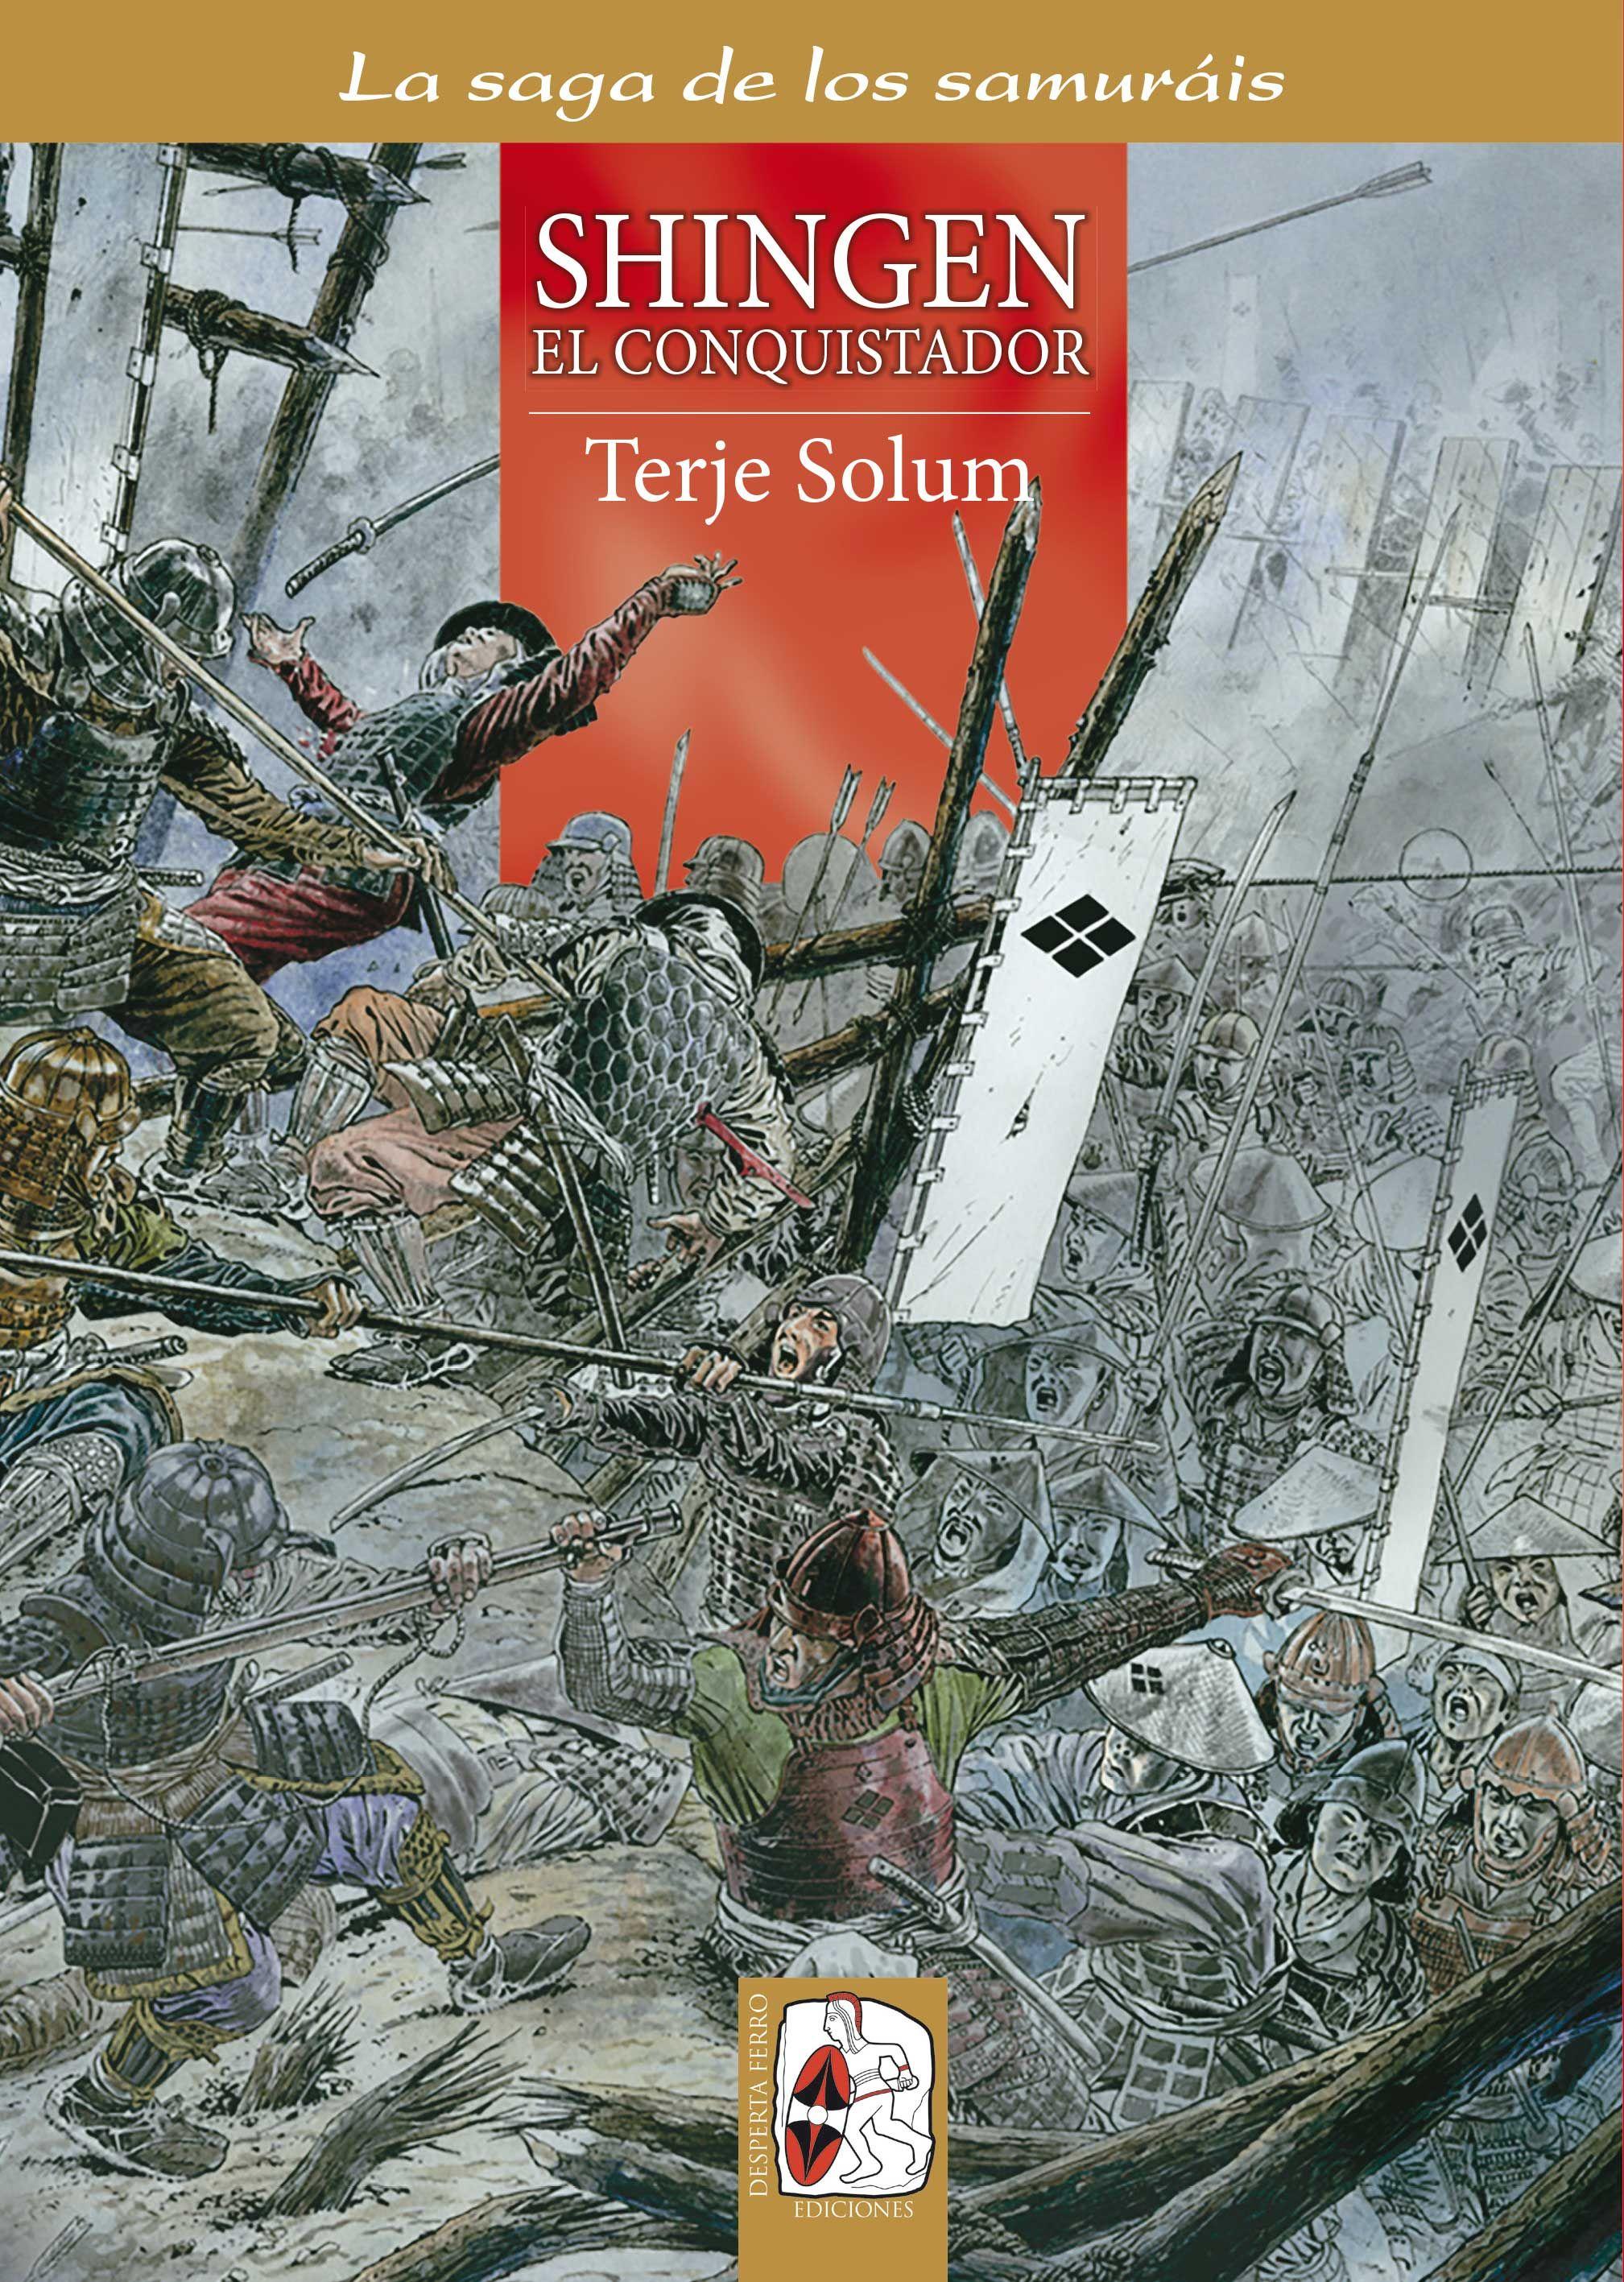 """Portada de """"Shingen el conquistador"""" (La saga de los samuráis, Vol. V), de Terje Solum y Dag R. Frognes. ® Dag R. Frognes"""